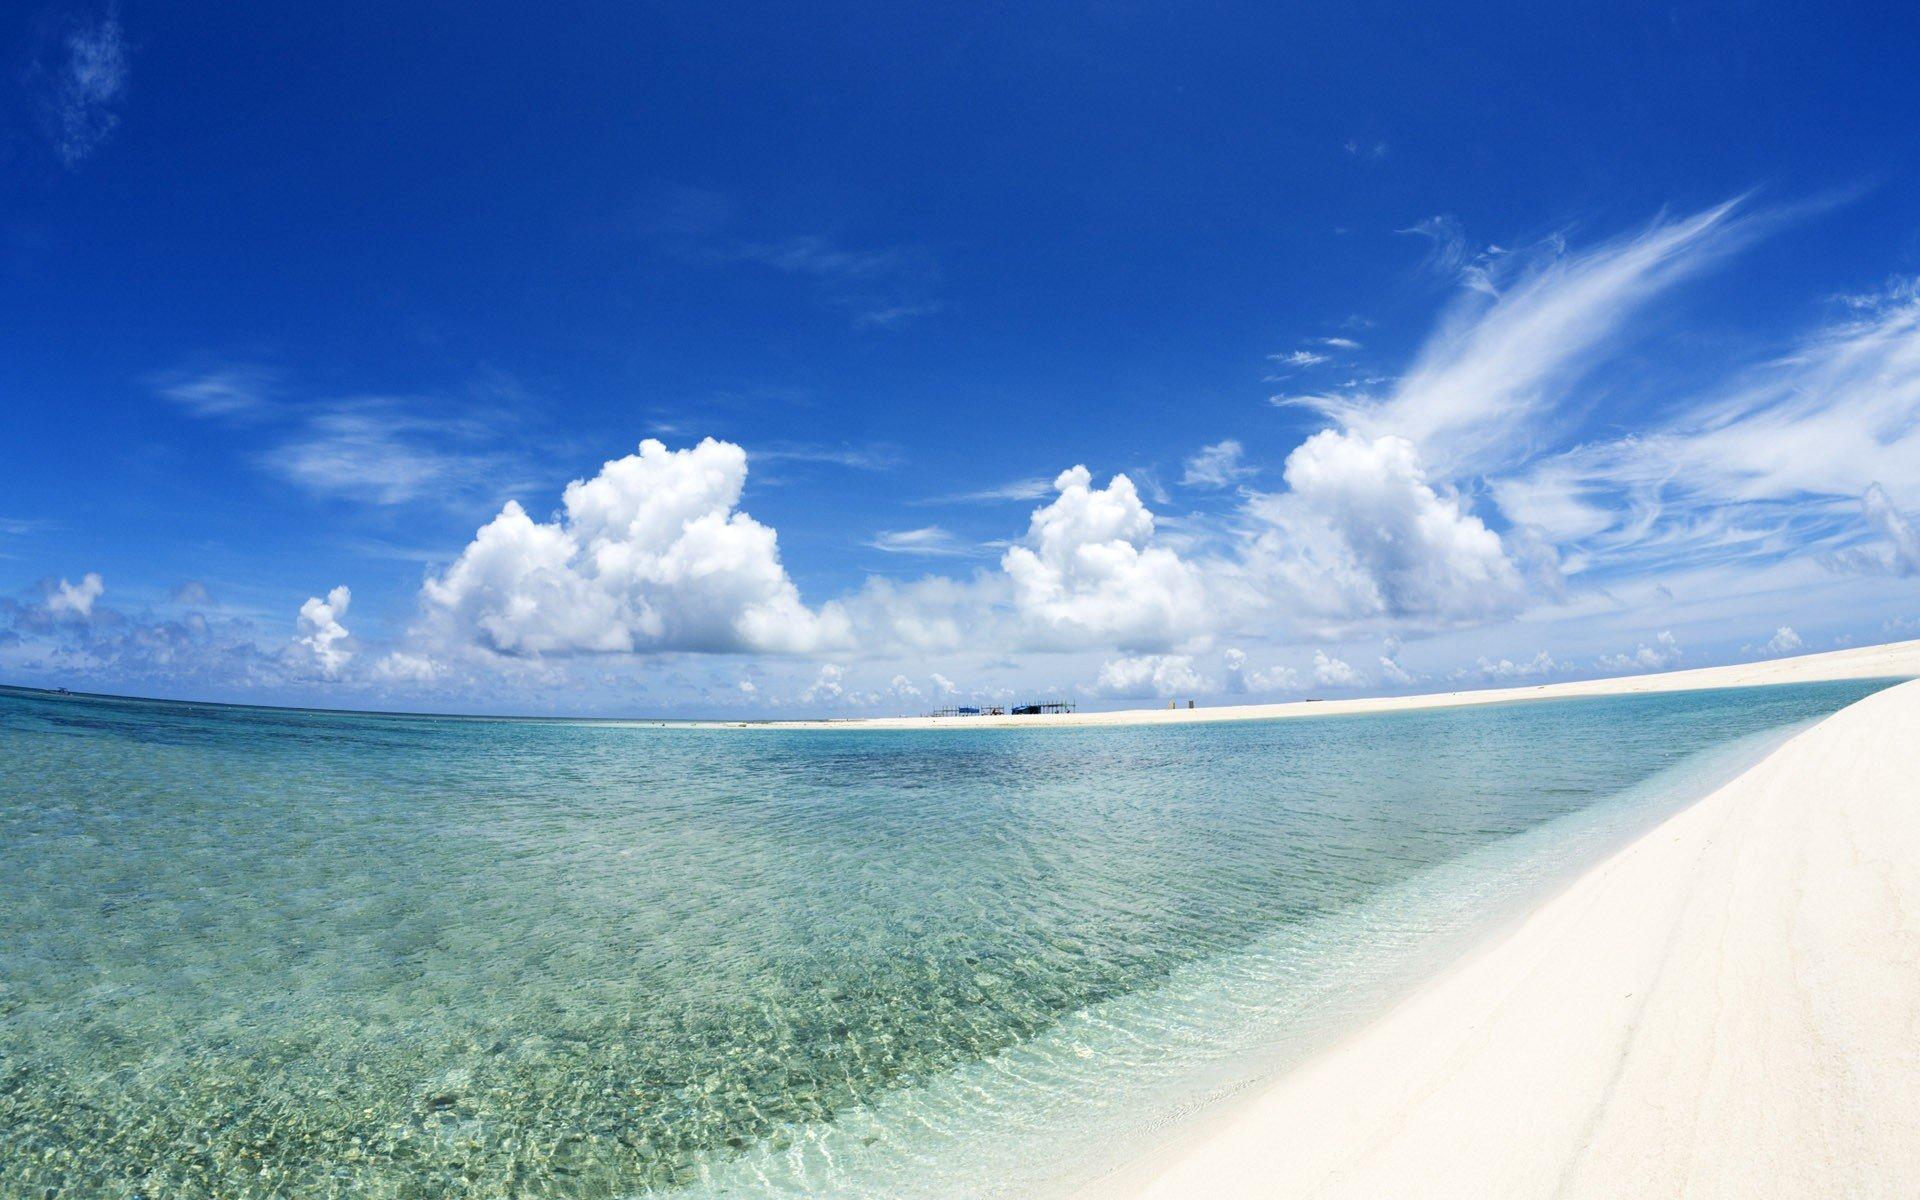 чармандер обои на экран море пляж песок голубая вода нужно